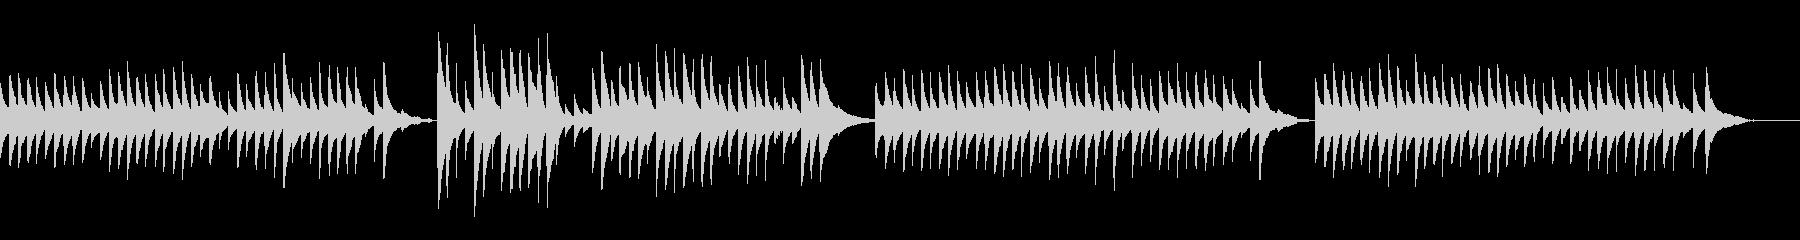 クラシックギターの調べ~ラグリマ~の未再生の波形